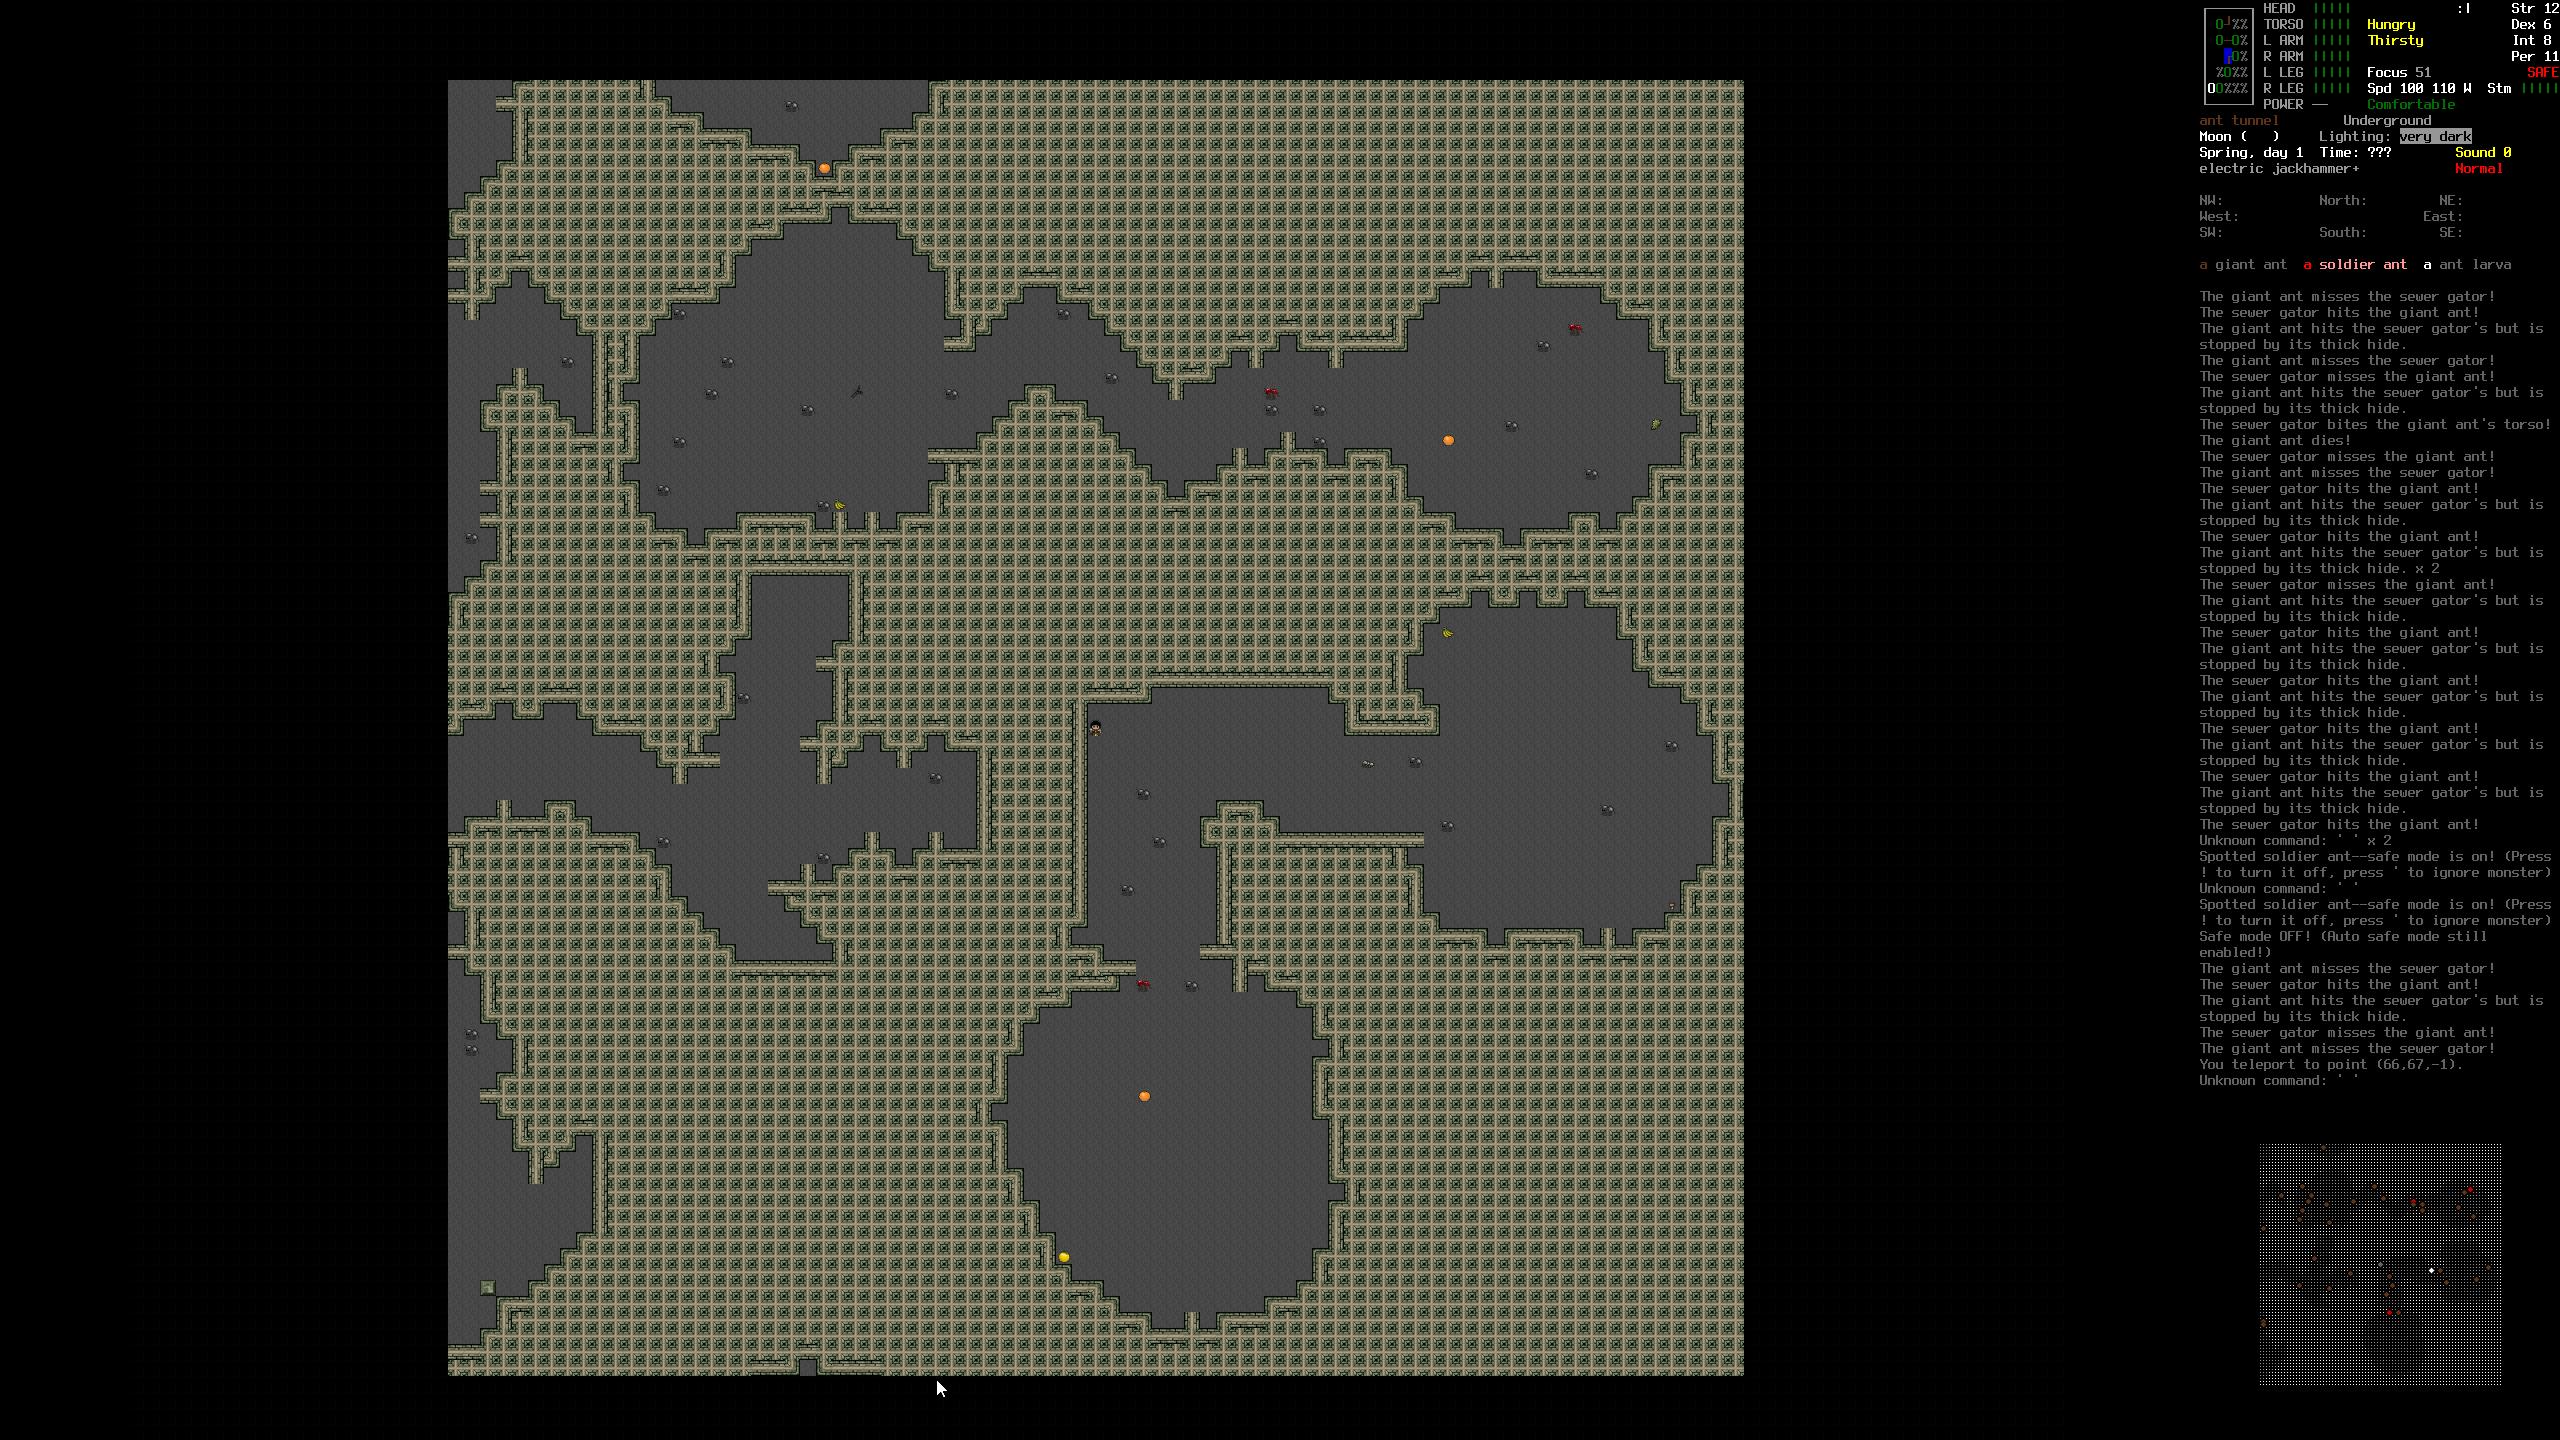 cataclysm-tiles_2017-11-08_17-01-24